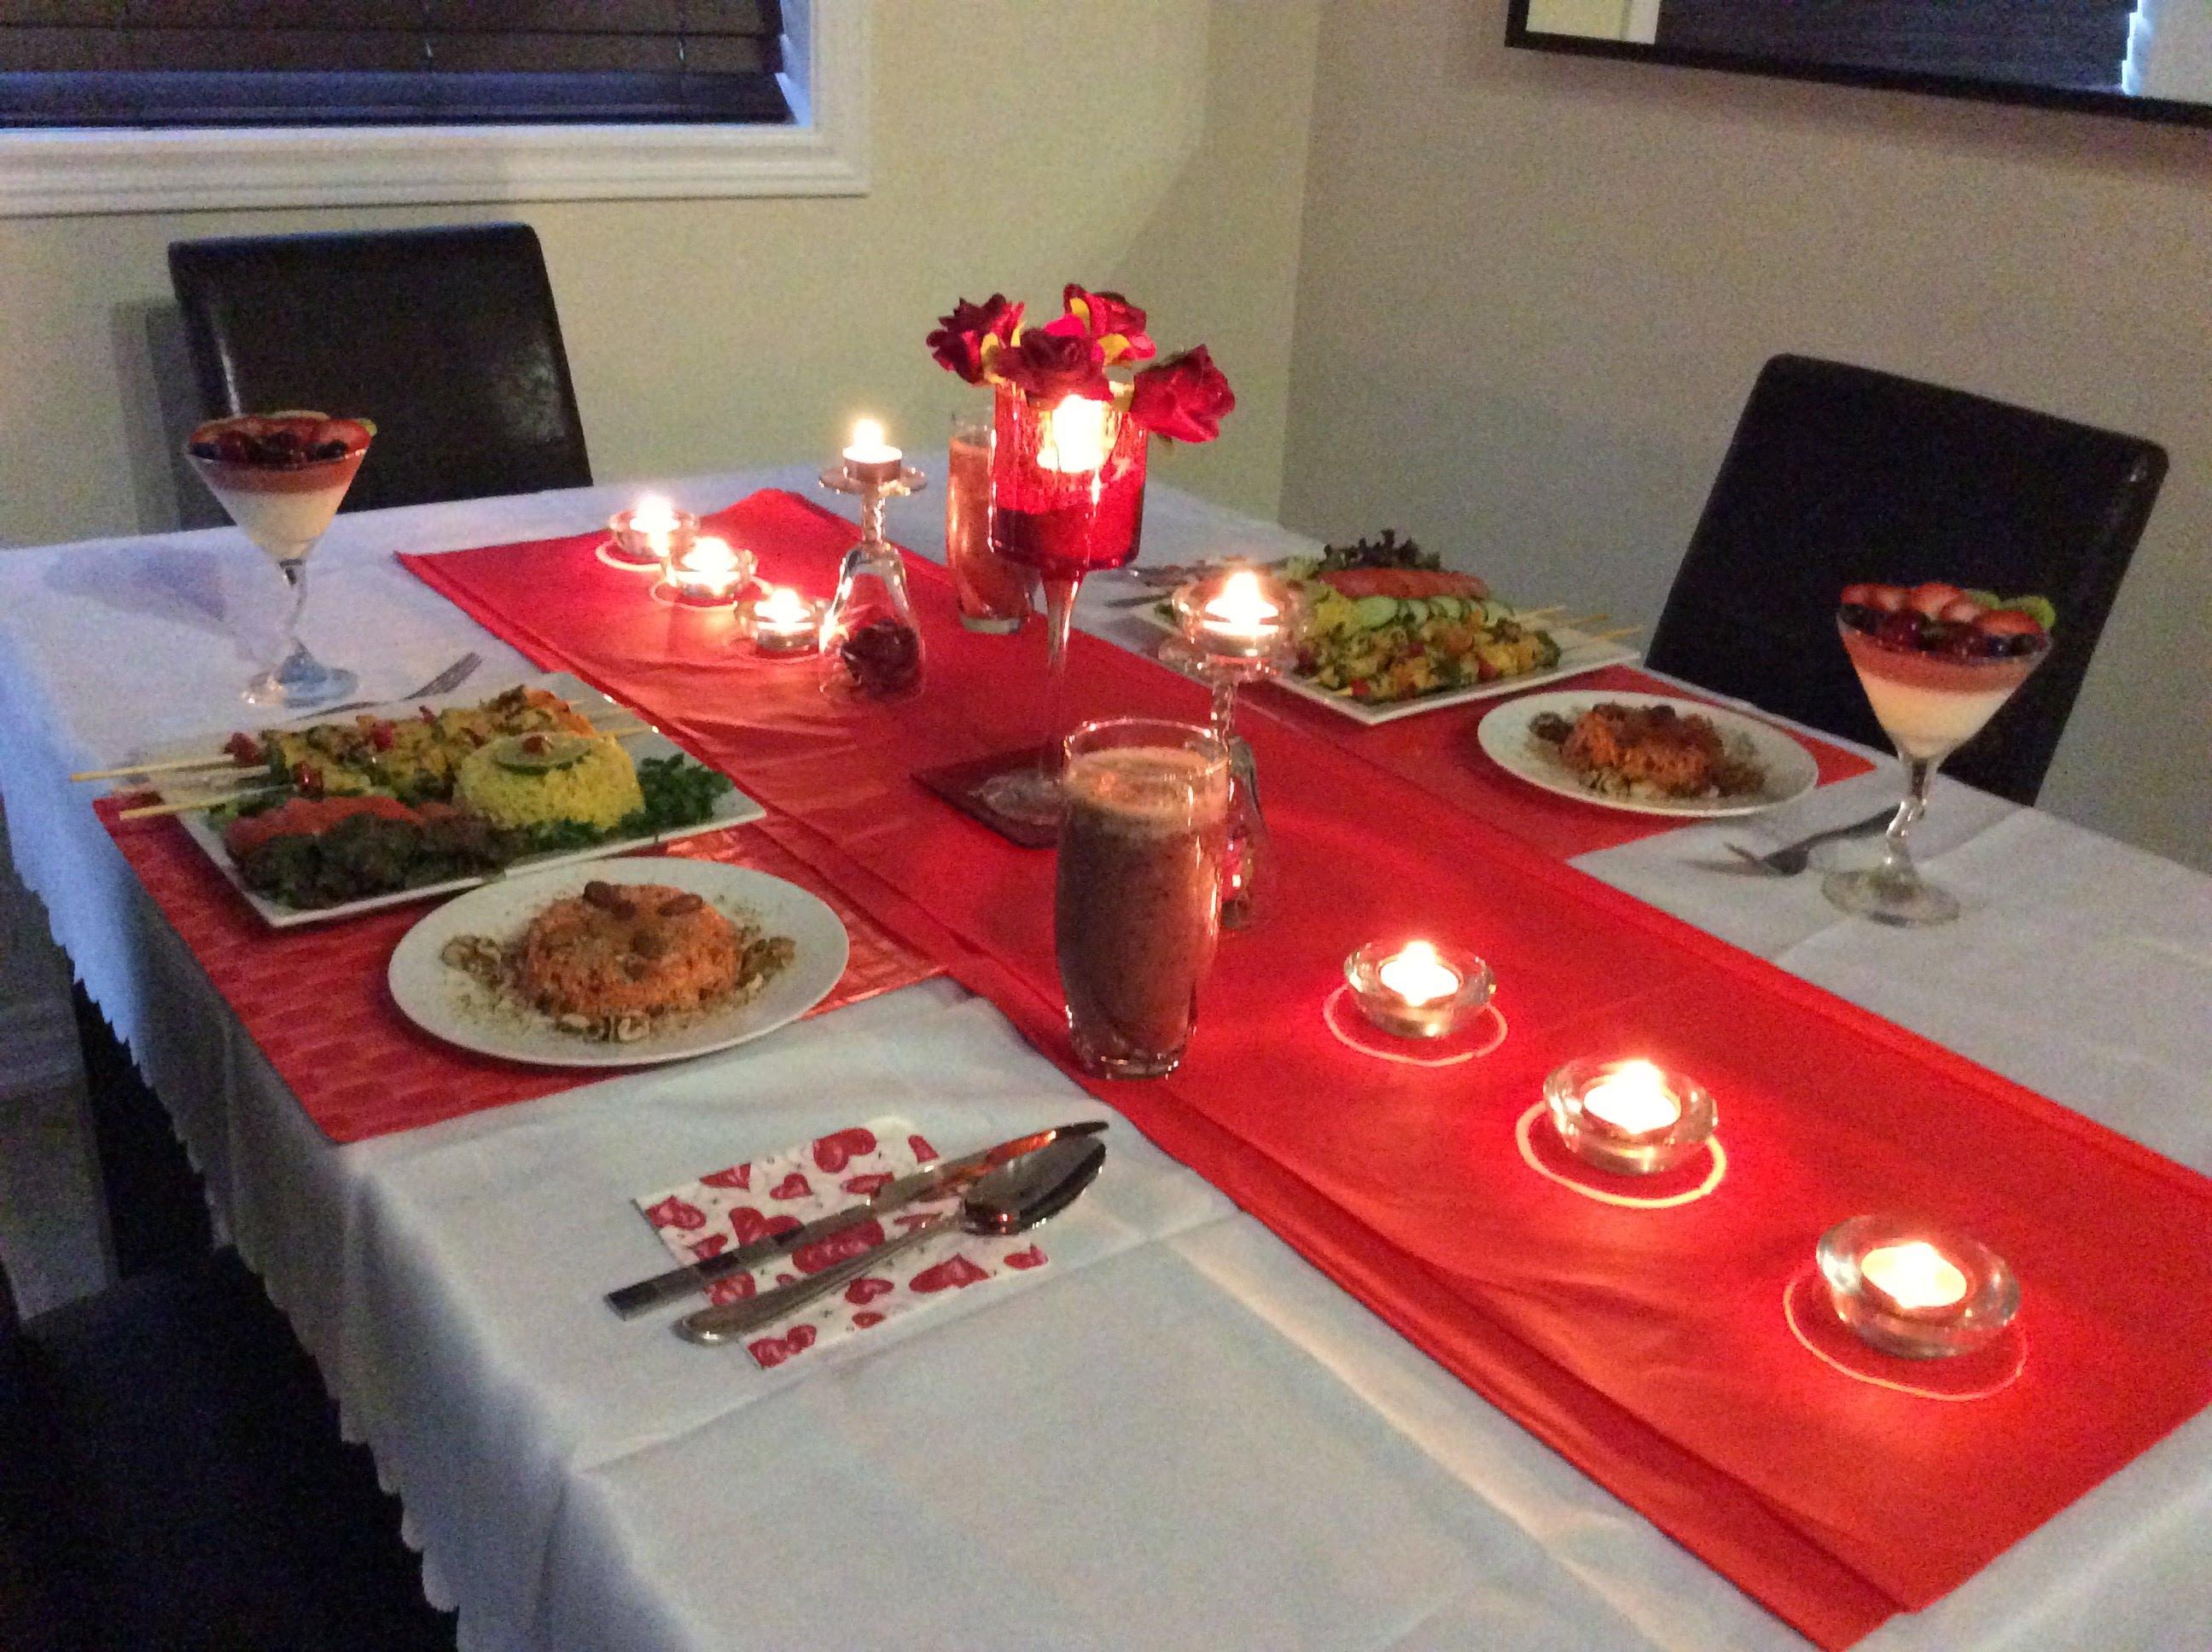 بالصور عشاء رومانسي في البيت , بالصور احلى عشاء رومانسى فى البيت 5954 4